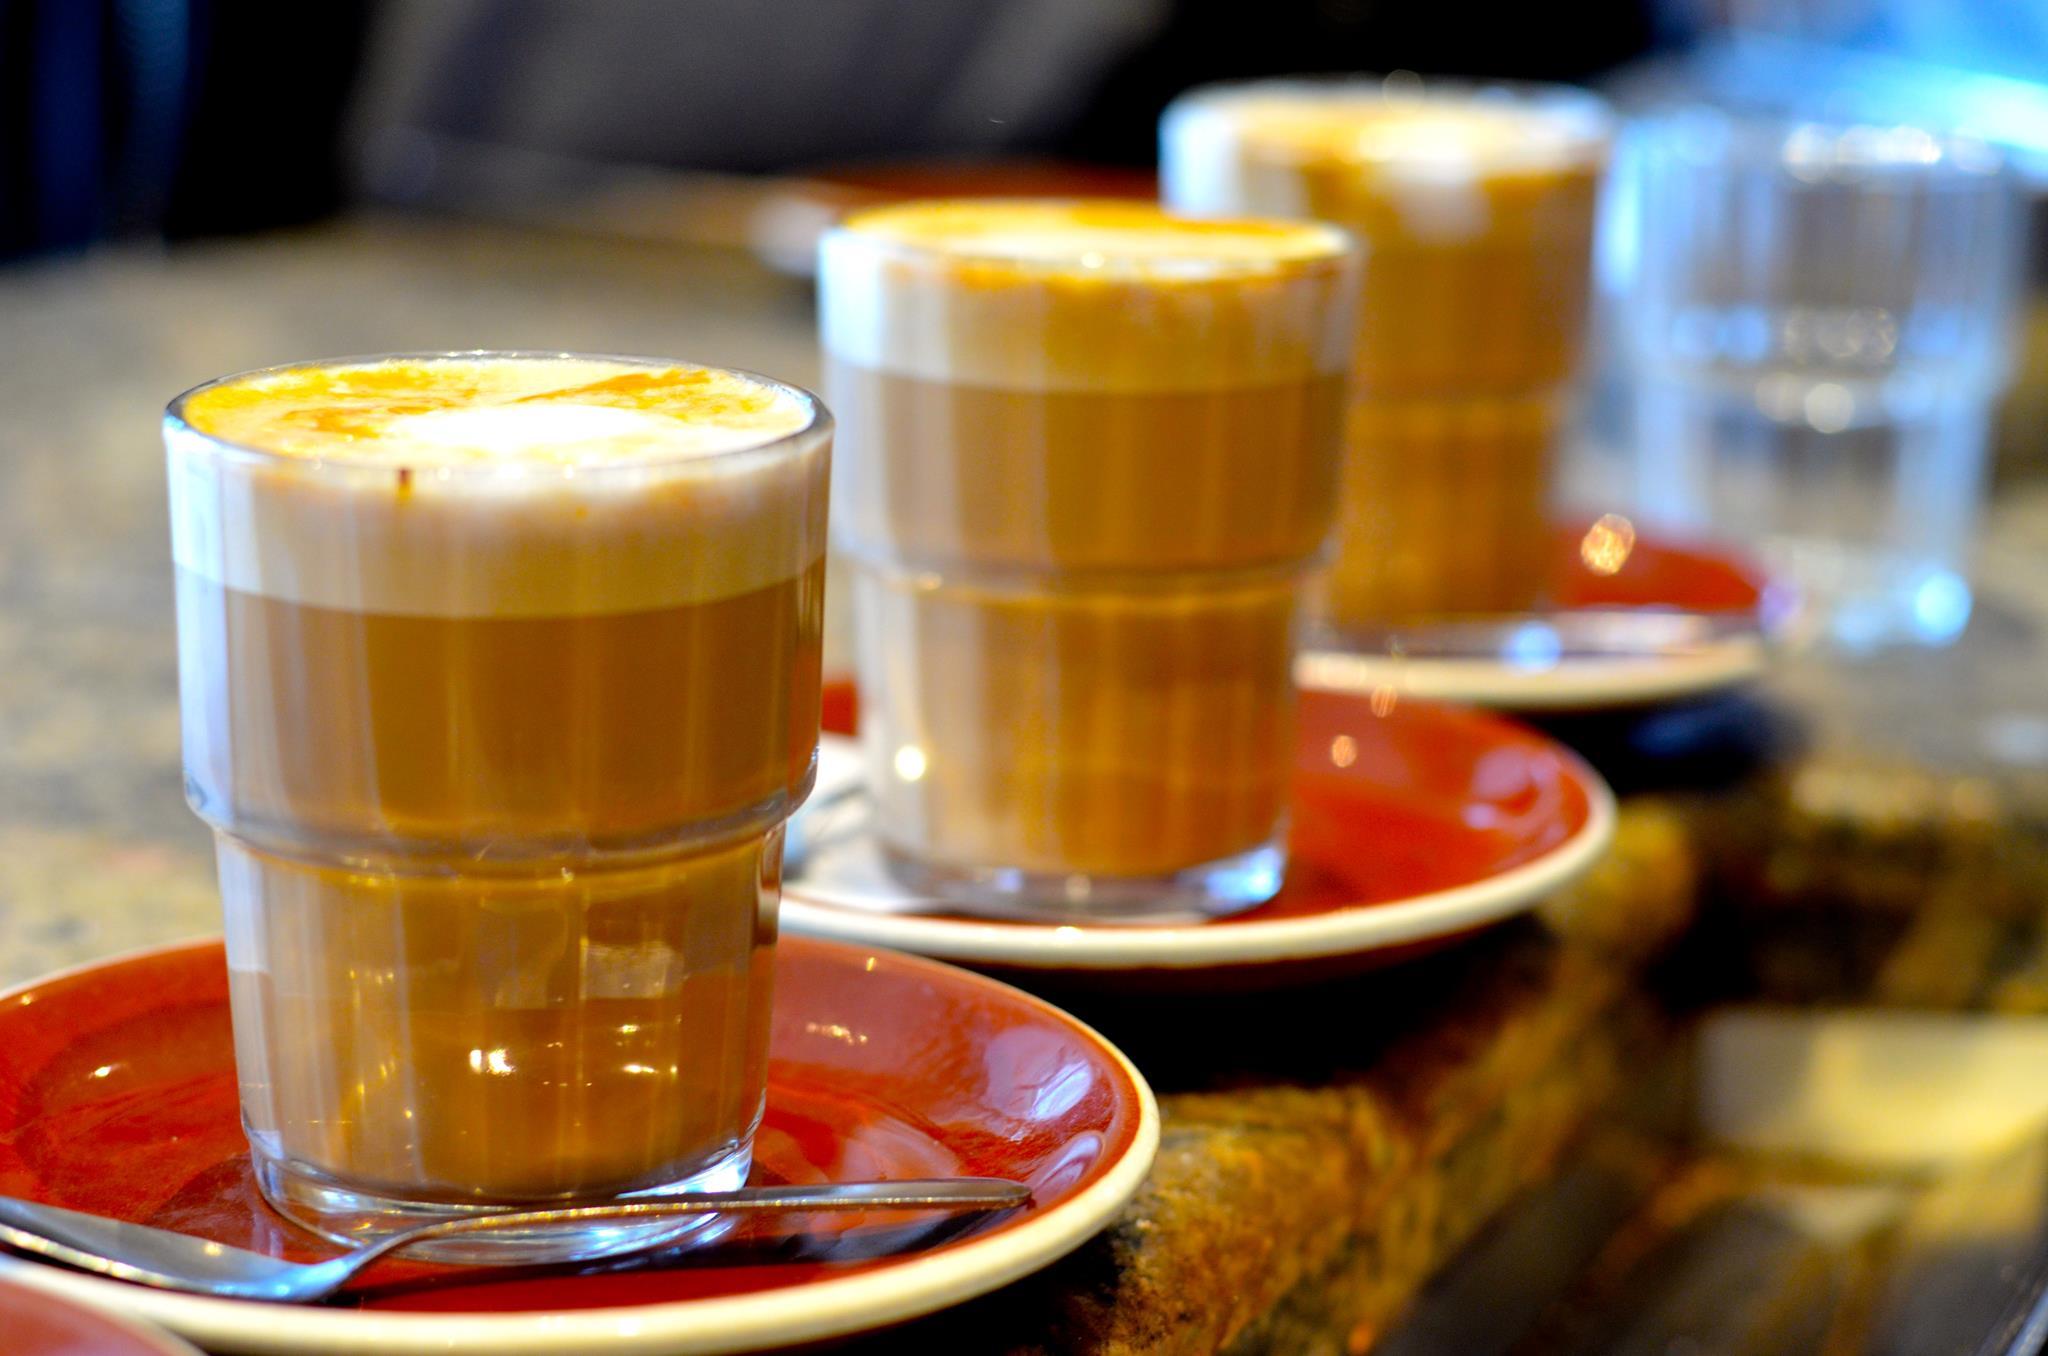 Les meilleurs caf s italiens de montr al for Les meilleurs cuisinistes italiens